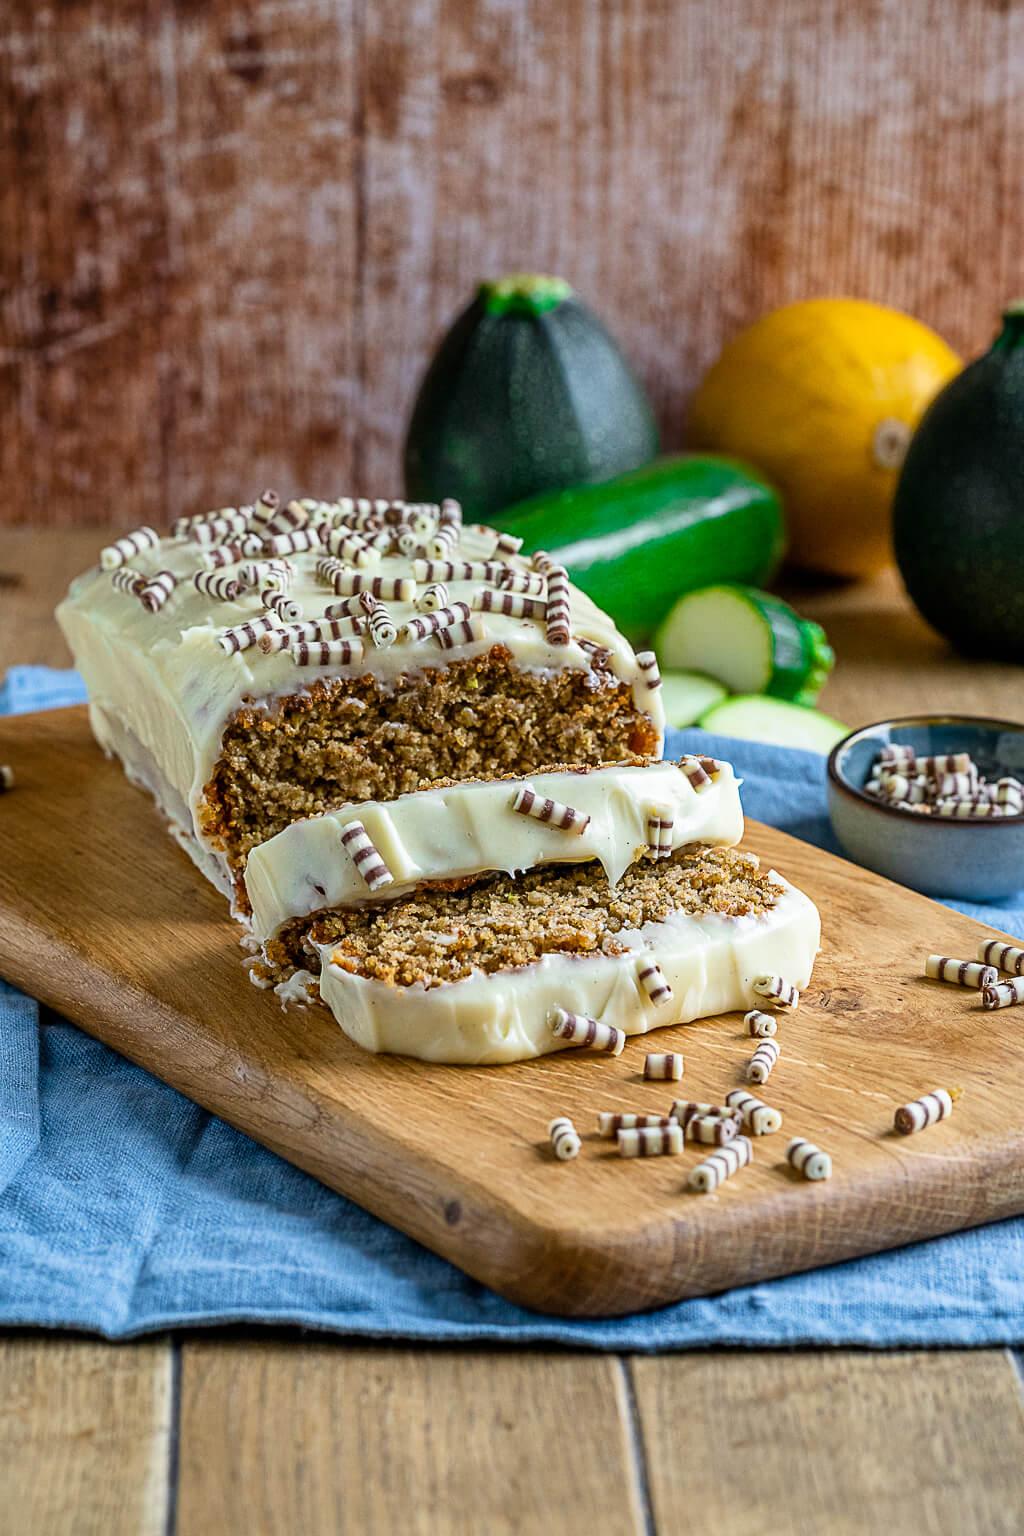 Saftiger Zucchini Kuchen mit Nüssen und Frischkäse Frosting